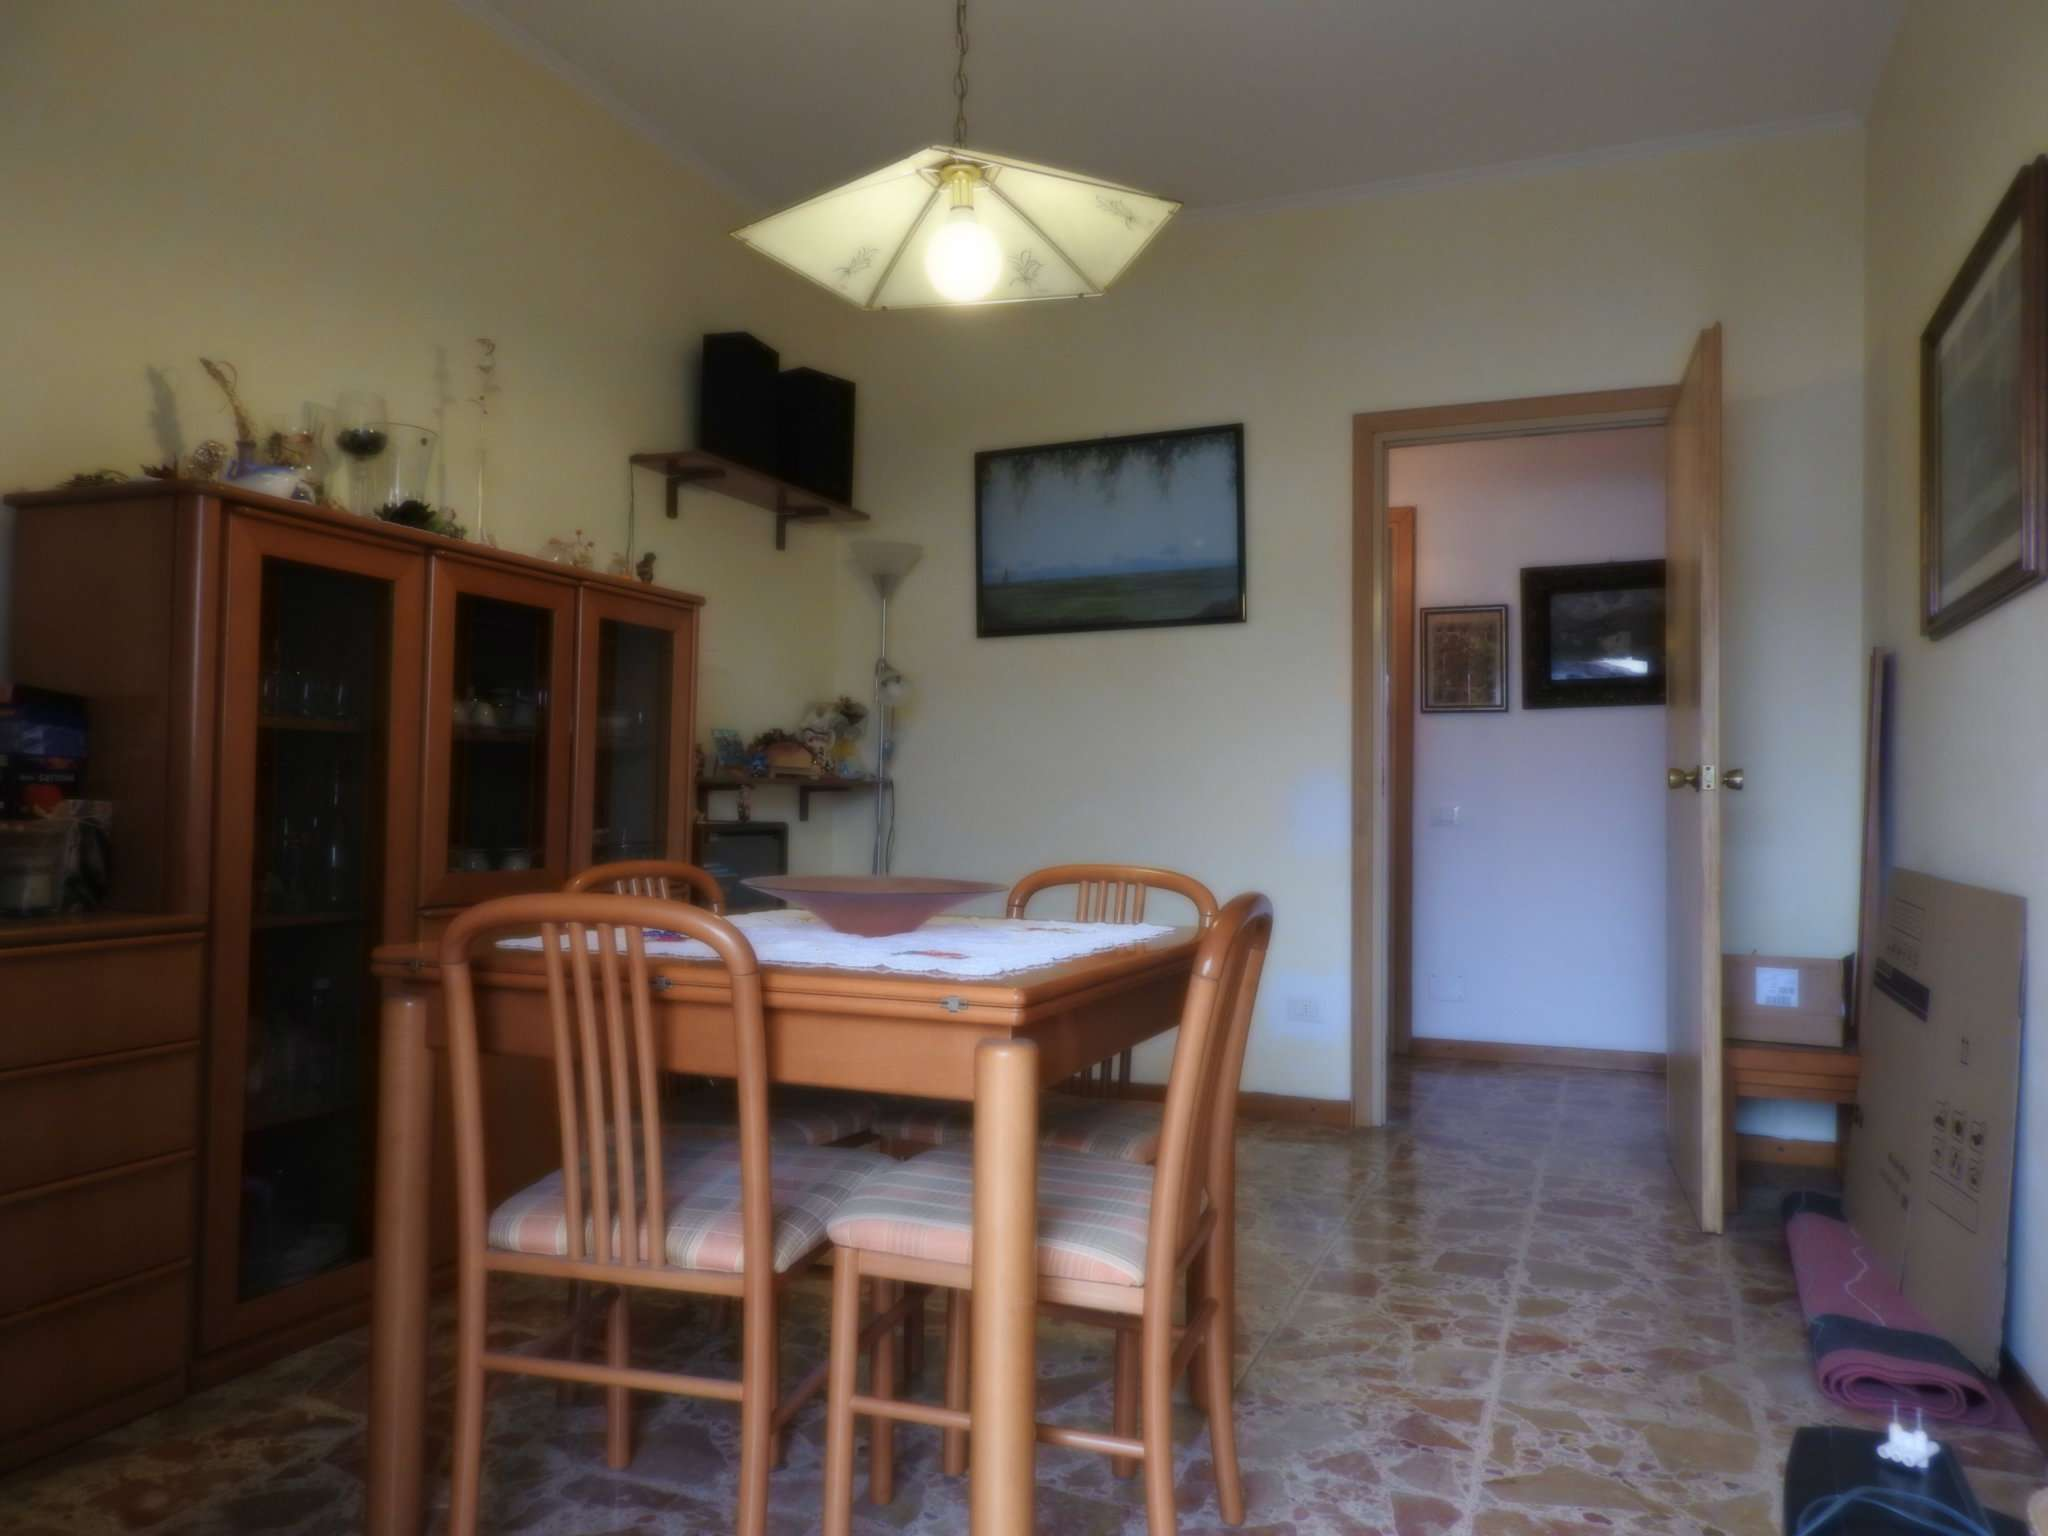 LOMAGNA: in vendita appartamento di tre locali, servizi, box